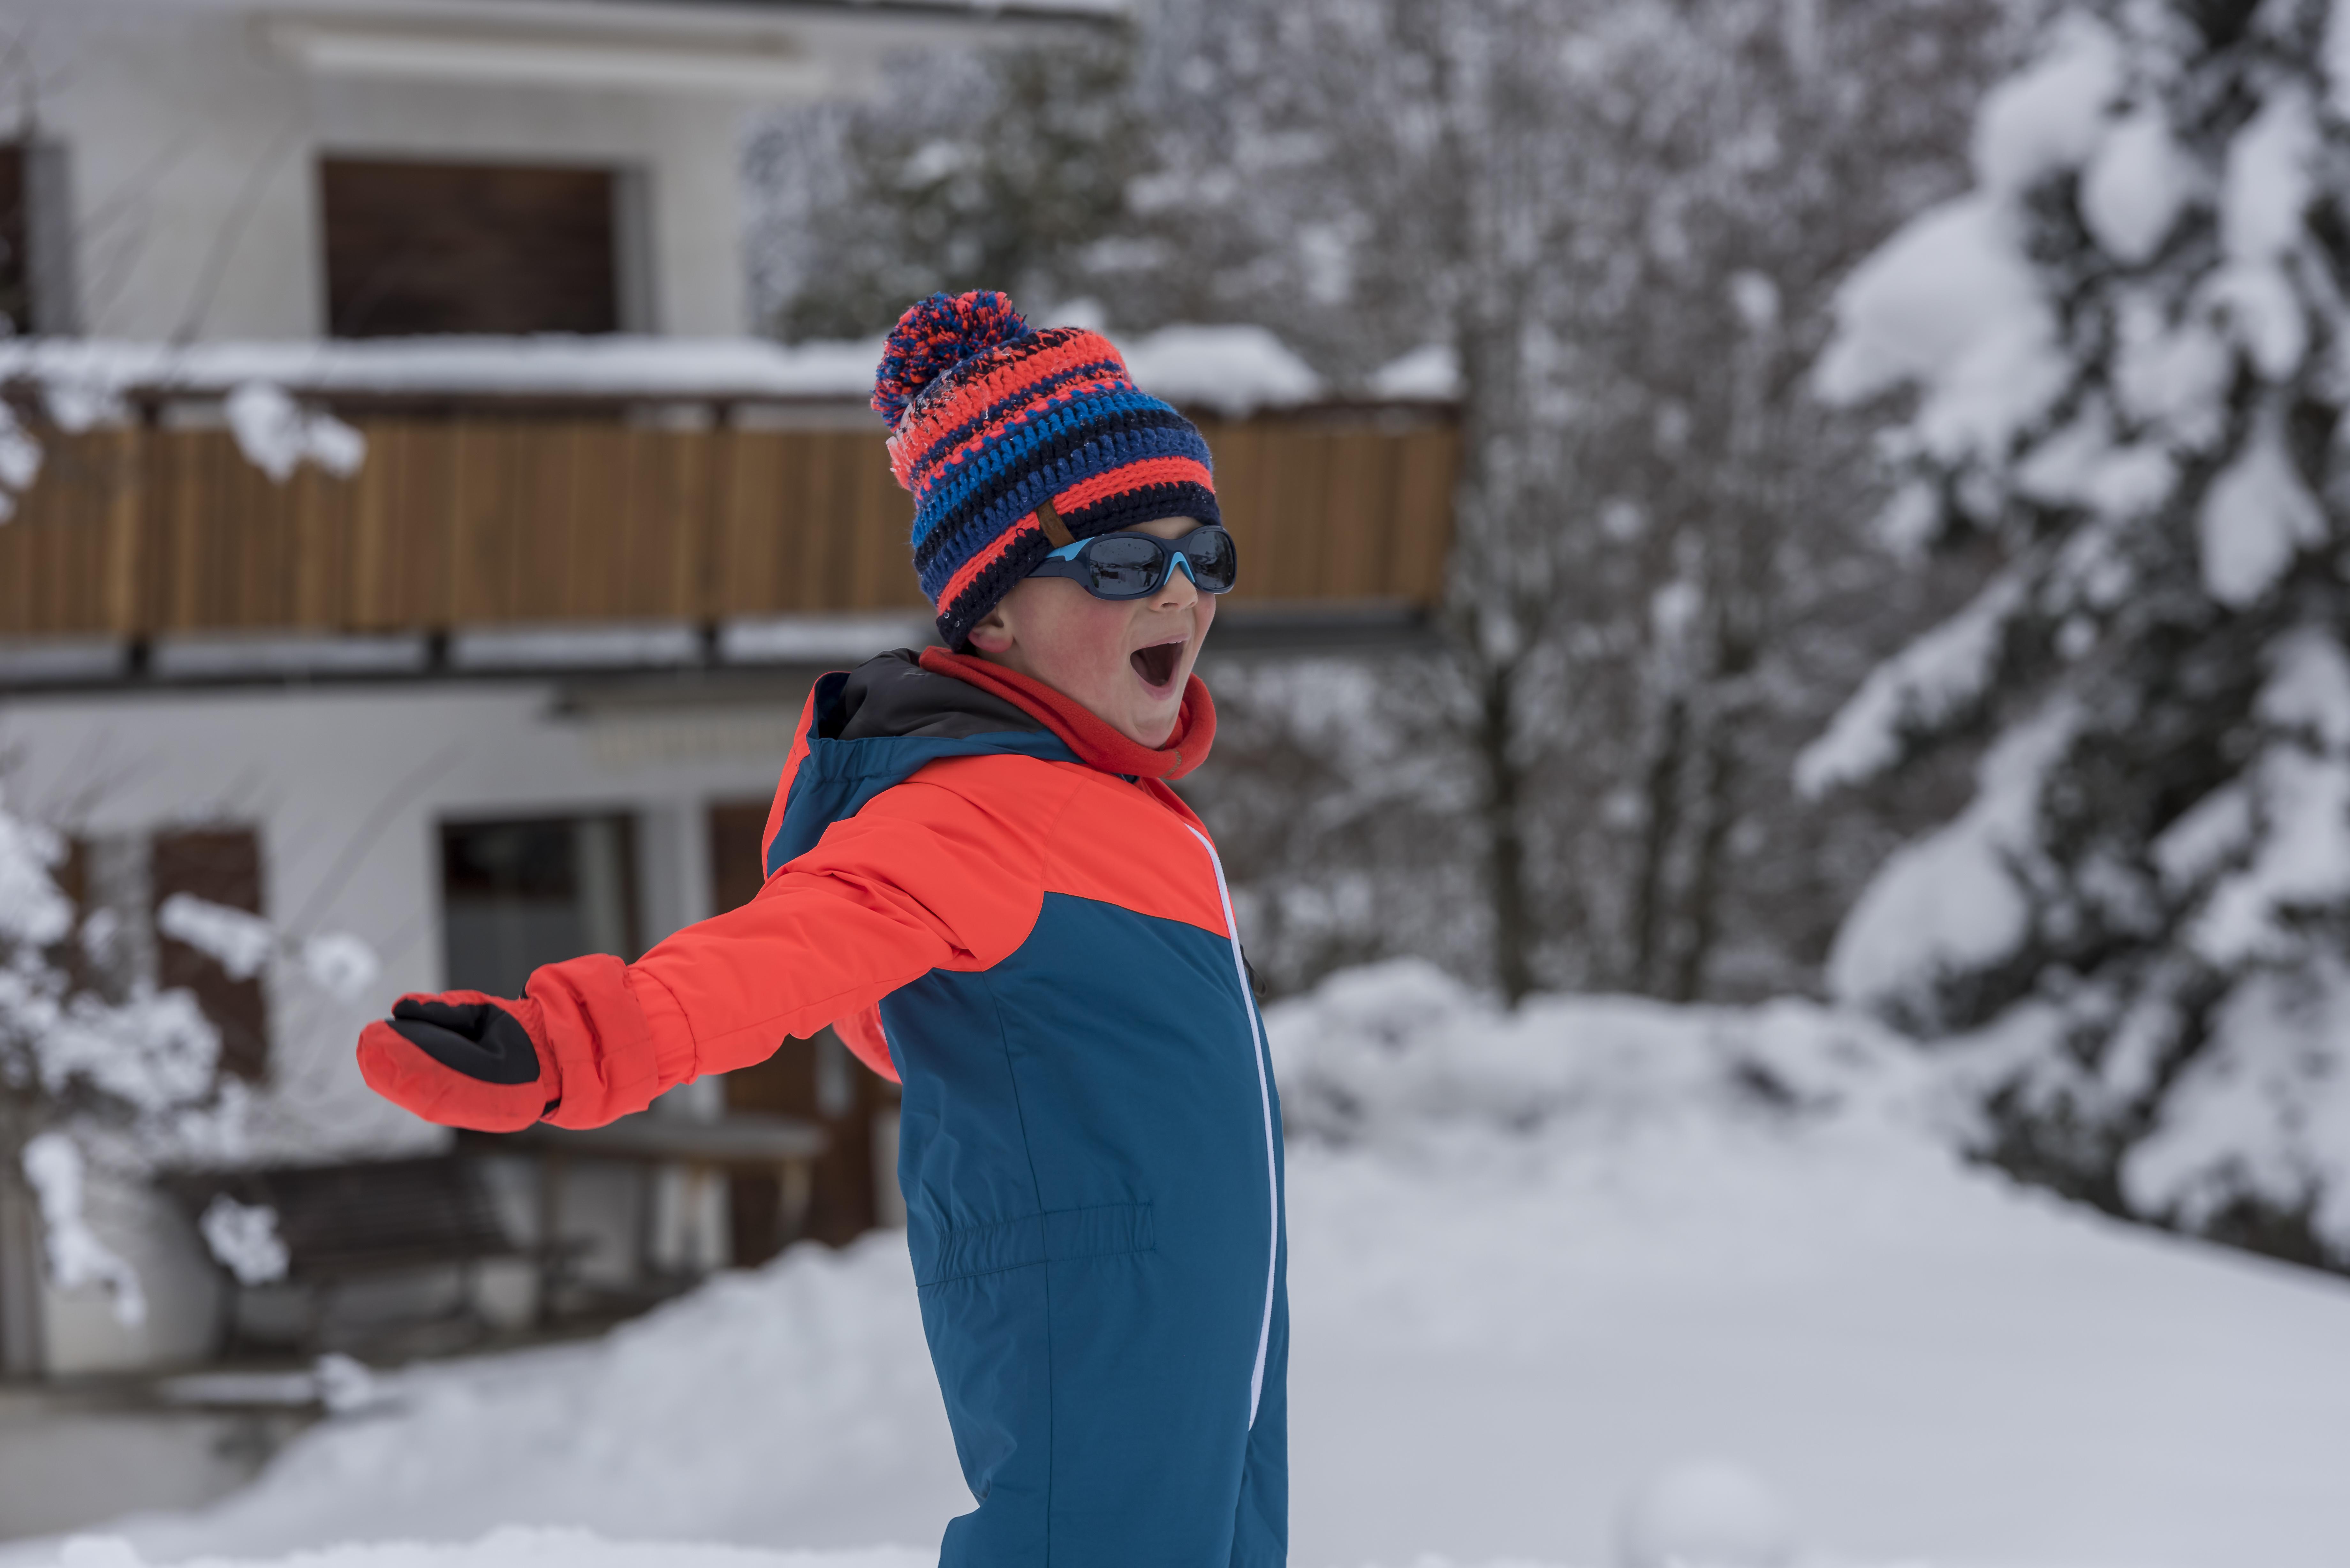 erkek cocuk kayak.jpg